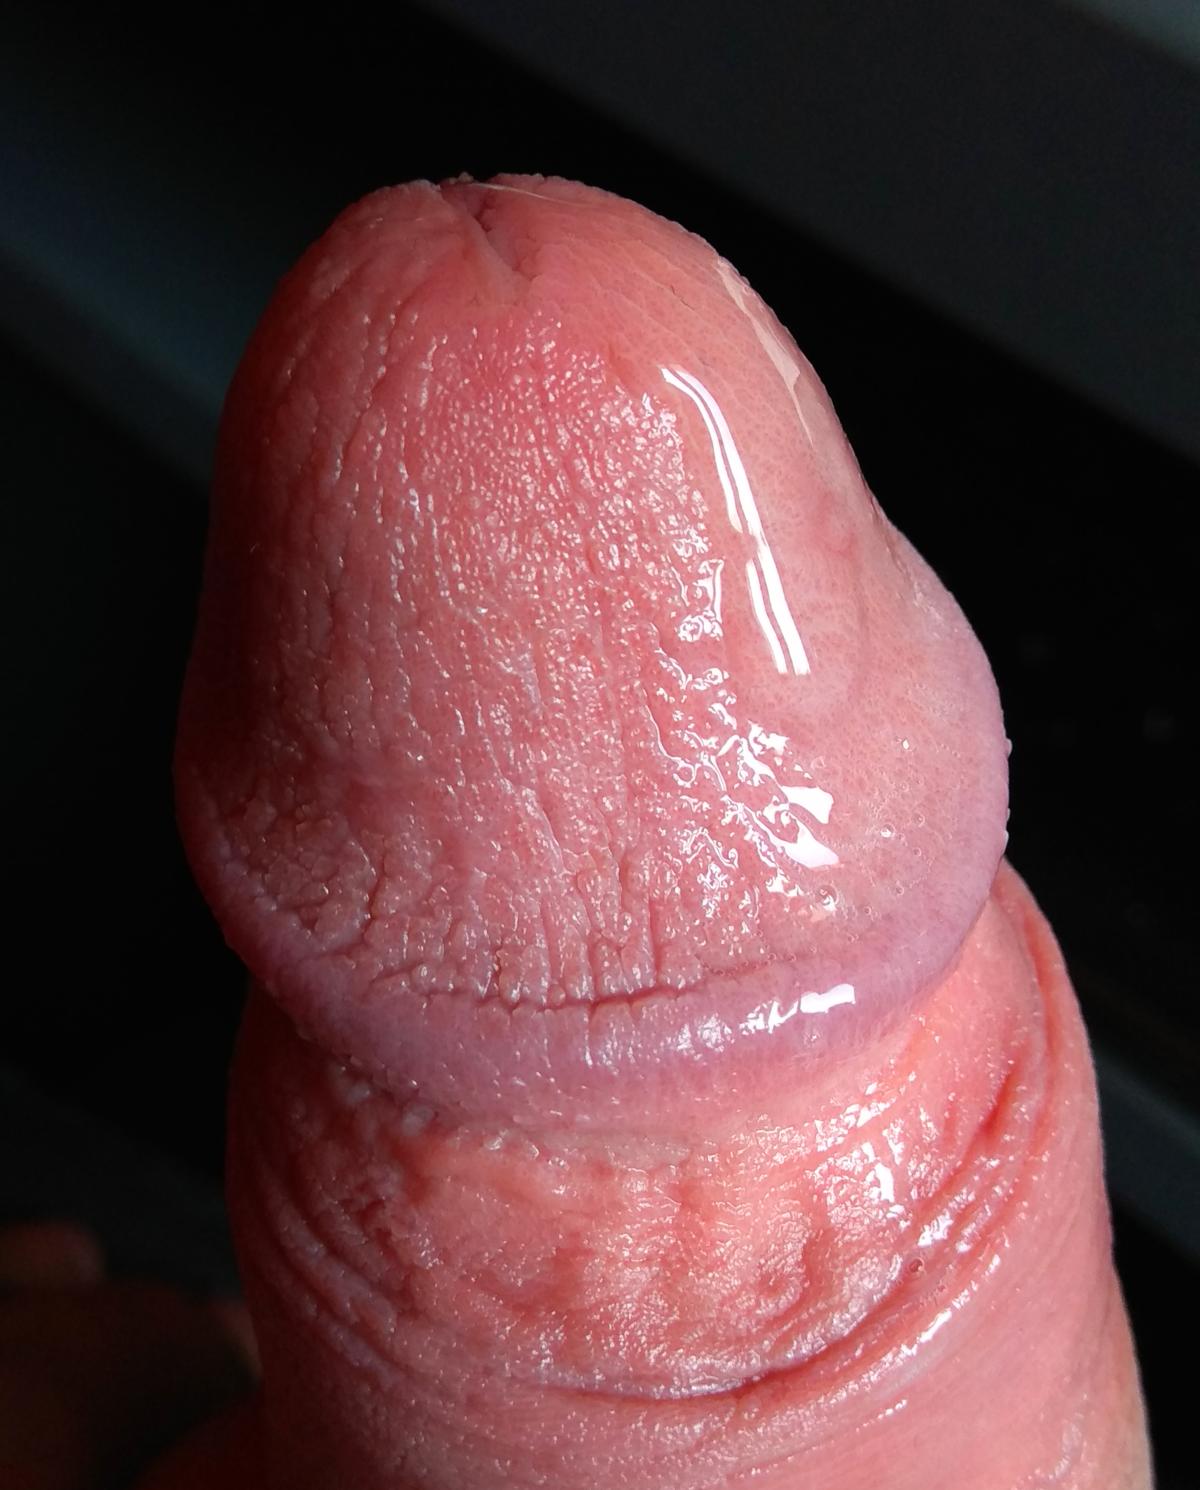 nem túl kemény erekciós tag reggeli erekció nem ez normális